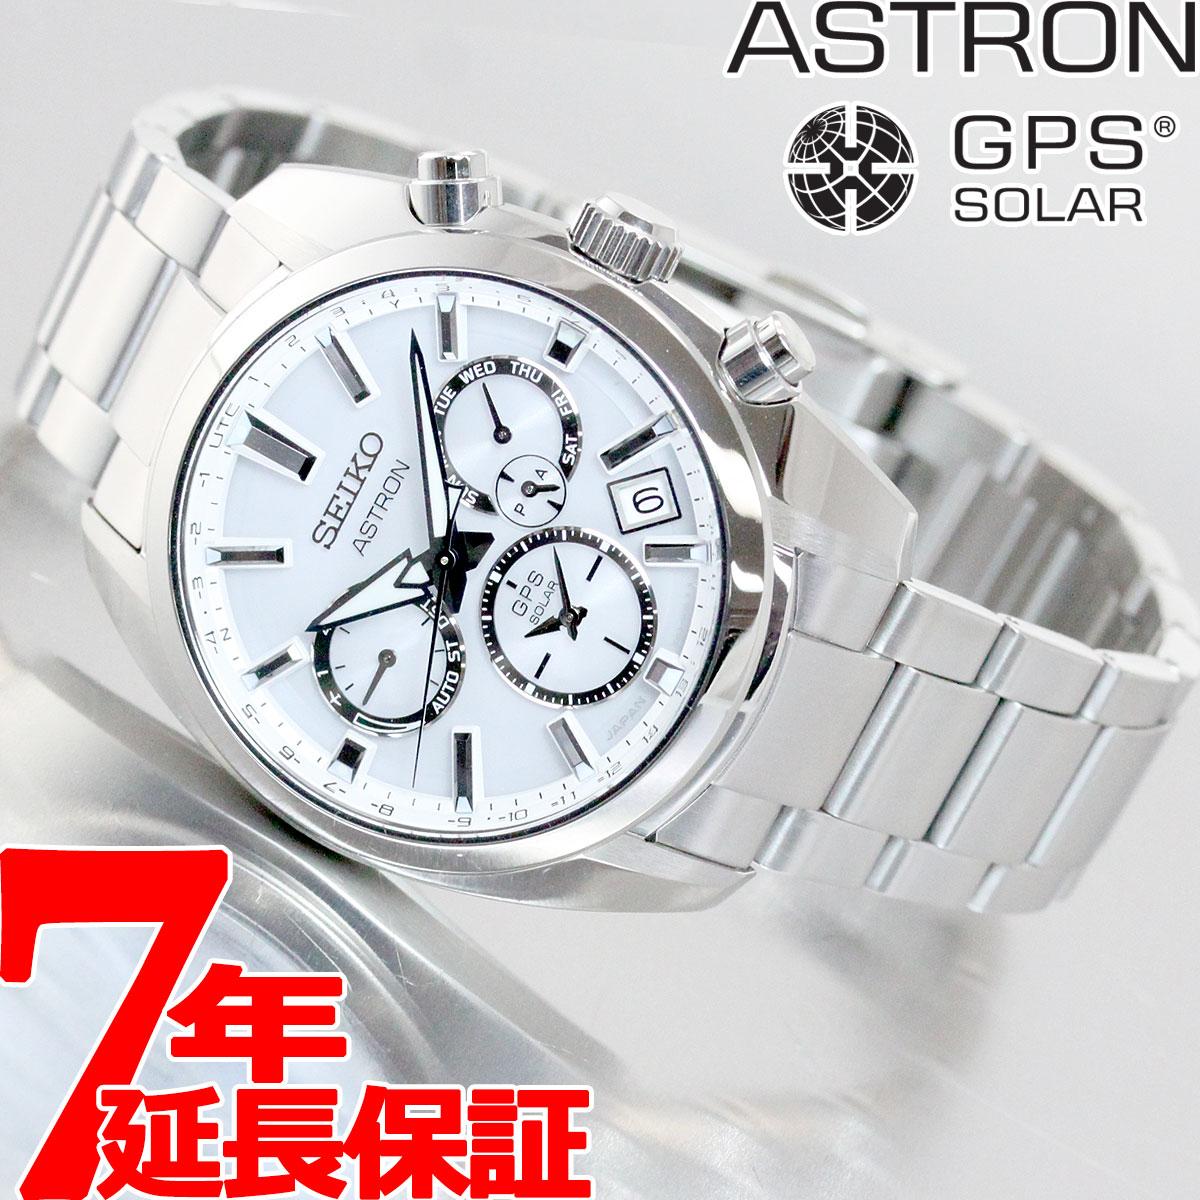 腕時計, メンズ腕時計 35.5 SEIKO ASTRON GPS GPS SBXC0472020